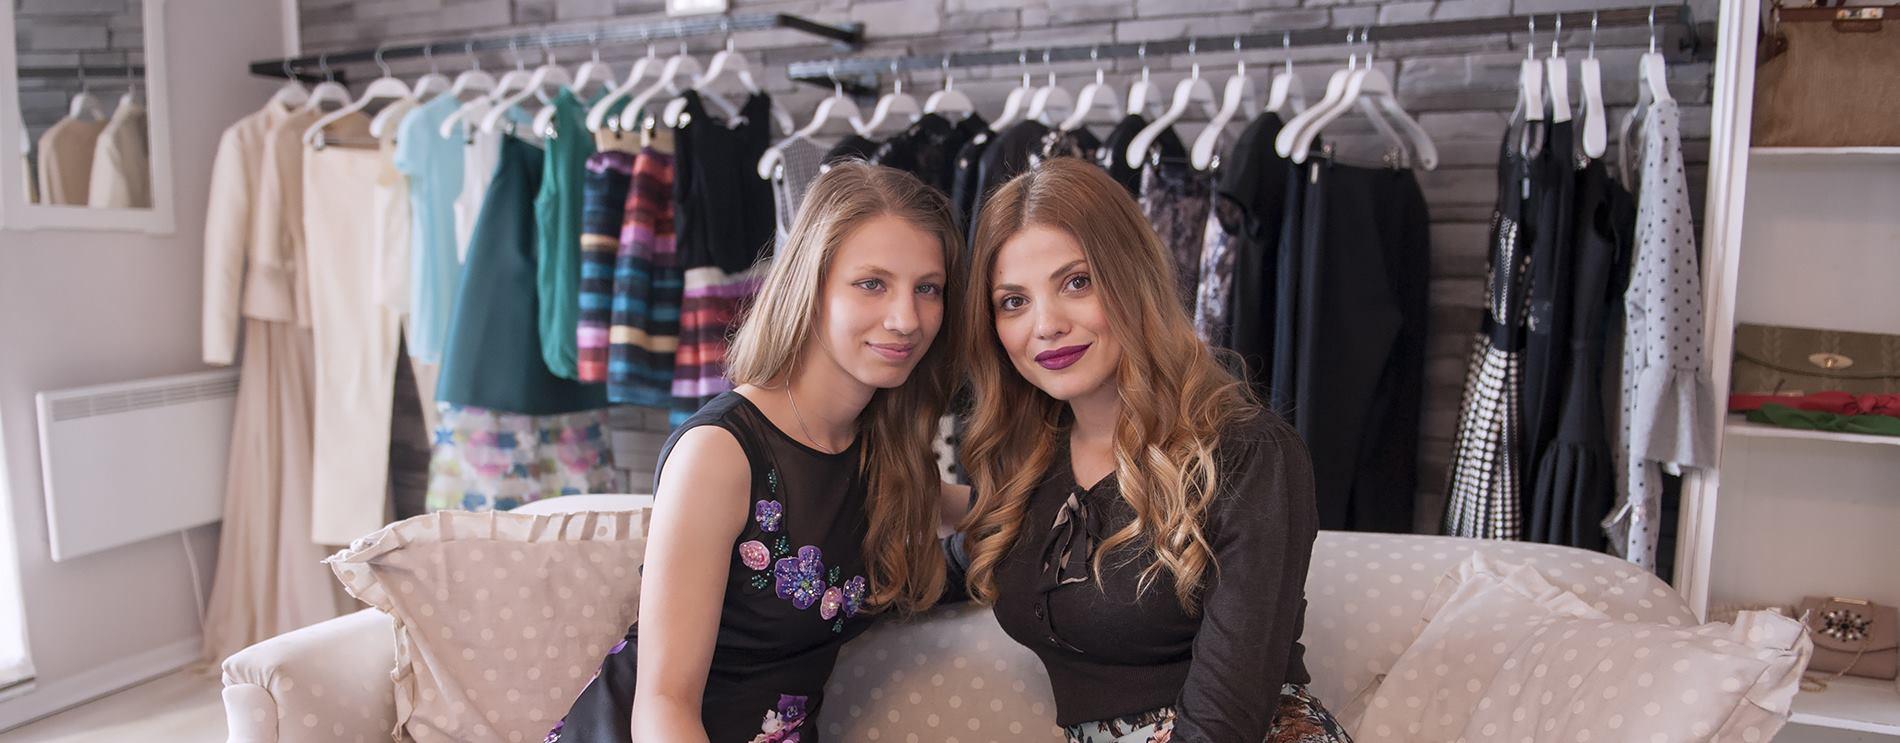 FOTO: HUMANITARNA AKCIJA TVRTKE ELECTROLUX Lejla Filipović donirala haljinu djevojci iz udomiteljske obitelji